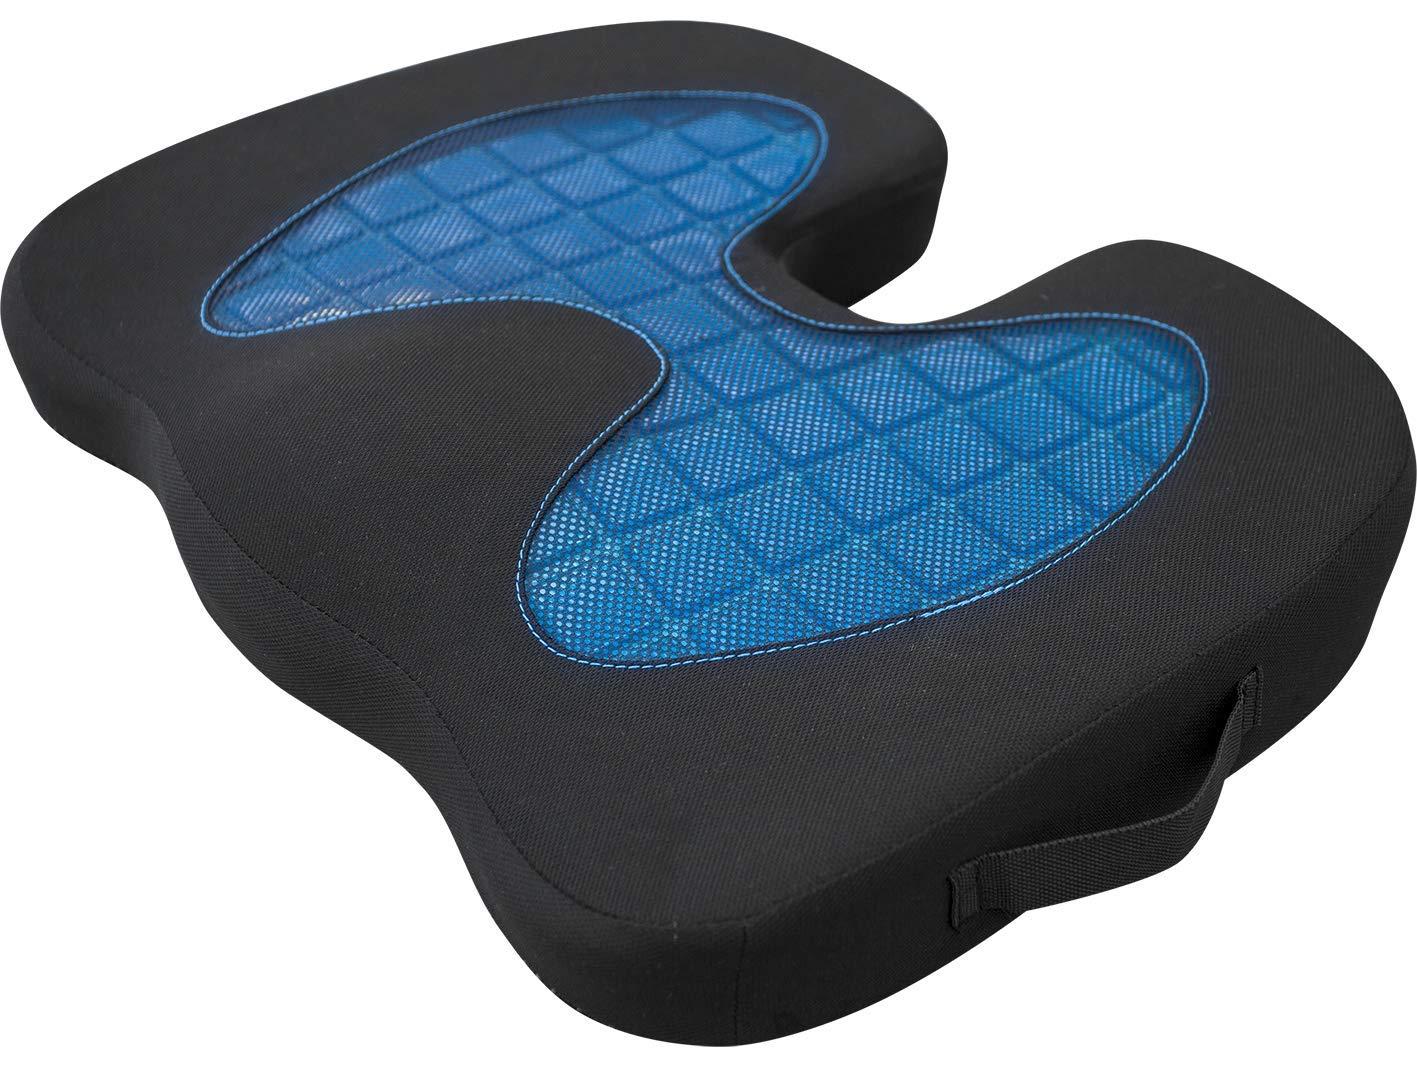 PIC AUTO Gel Memory Foam Seat Cushion - Back Sciatica Hip Tailbone Orthopedic Pain Relief - Office Chair Desk Wheelchair Stadium Car Seat Cushion (Blue, Gel Seat Cushion)